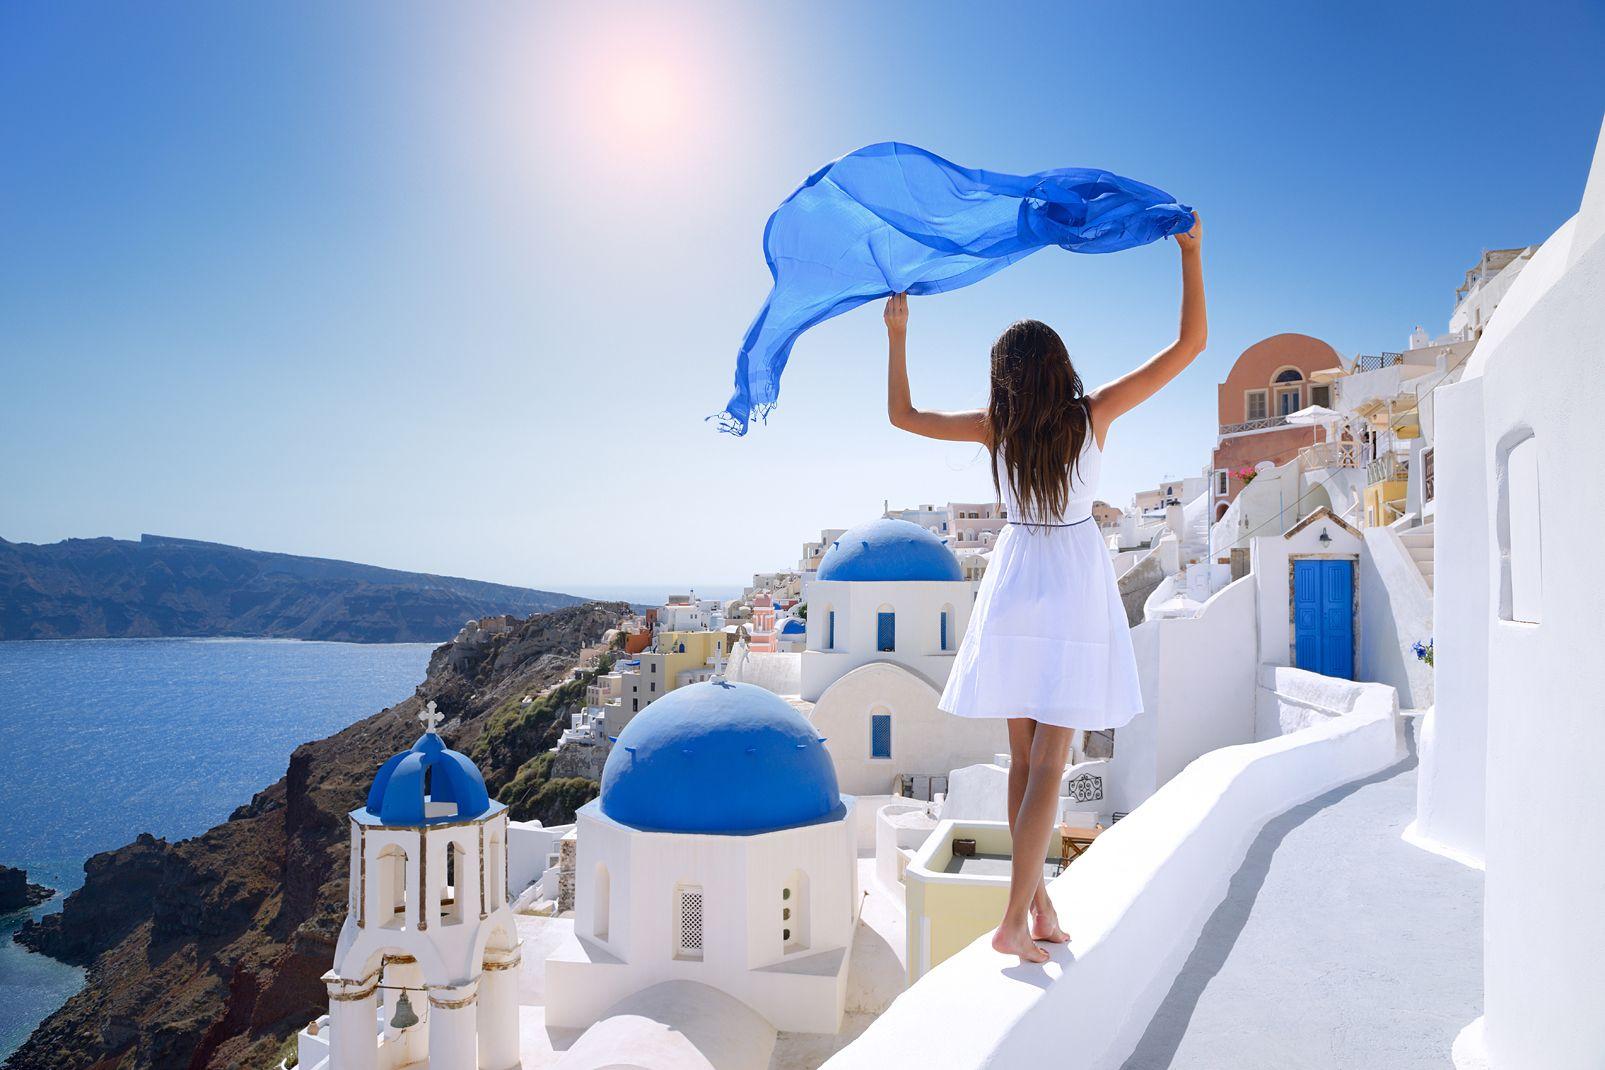 europe, grèce, cyclades, archipel, mer, égée, santorin, oia